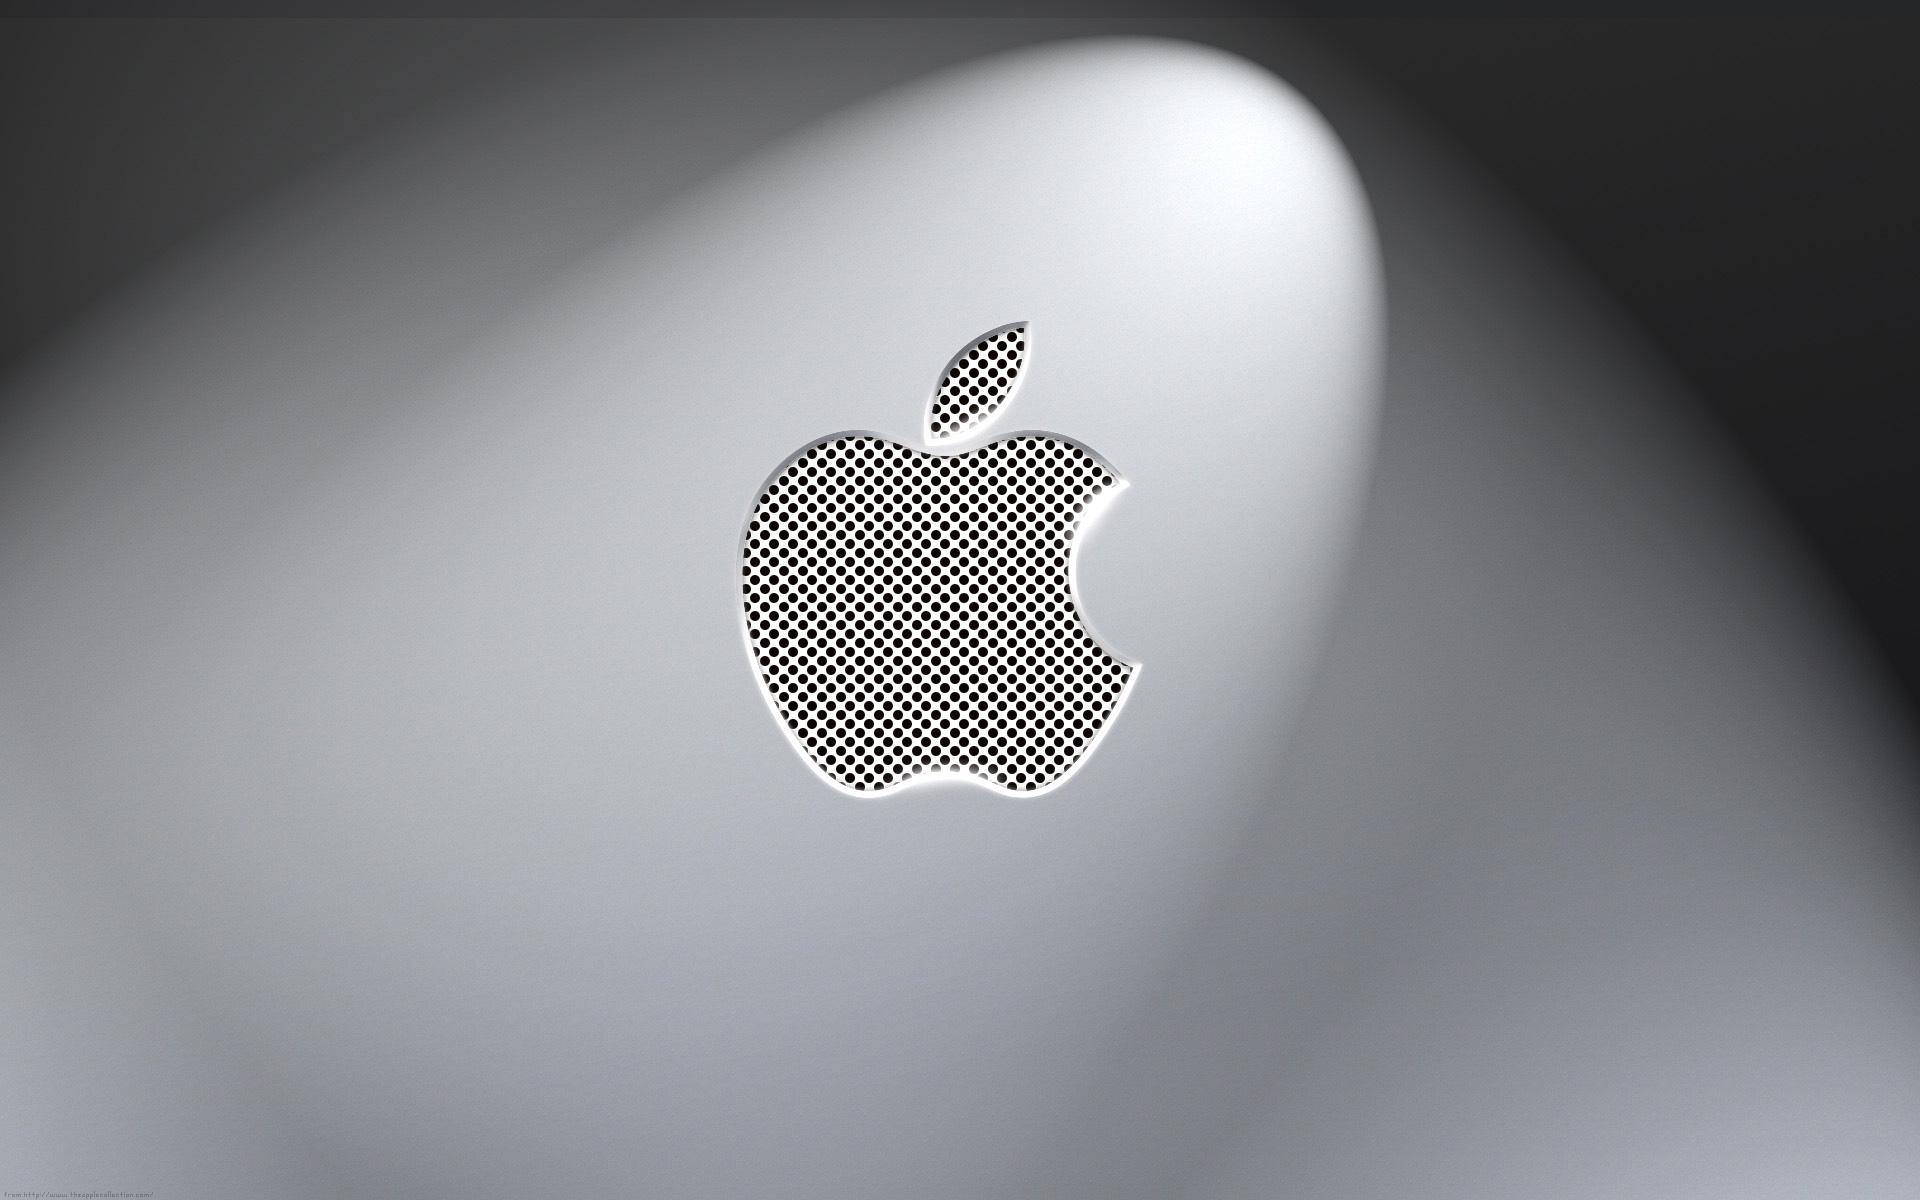 Best Apple Wallpapers | Best Hd Apple Wallpapers | Free Apple ...